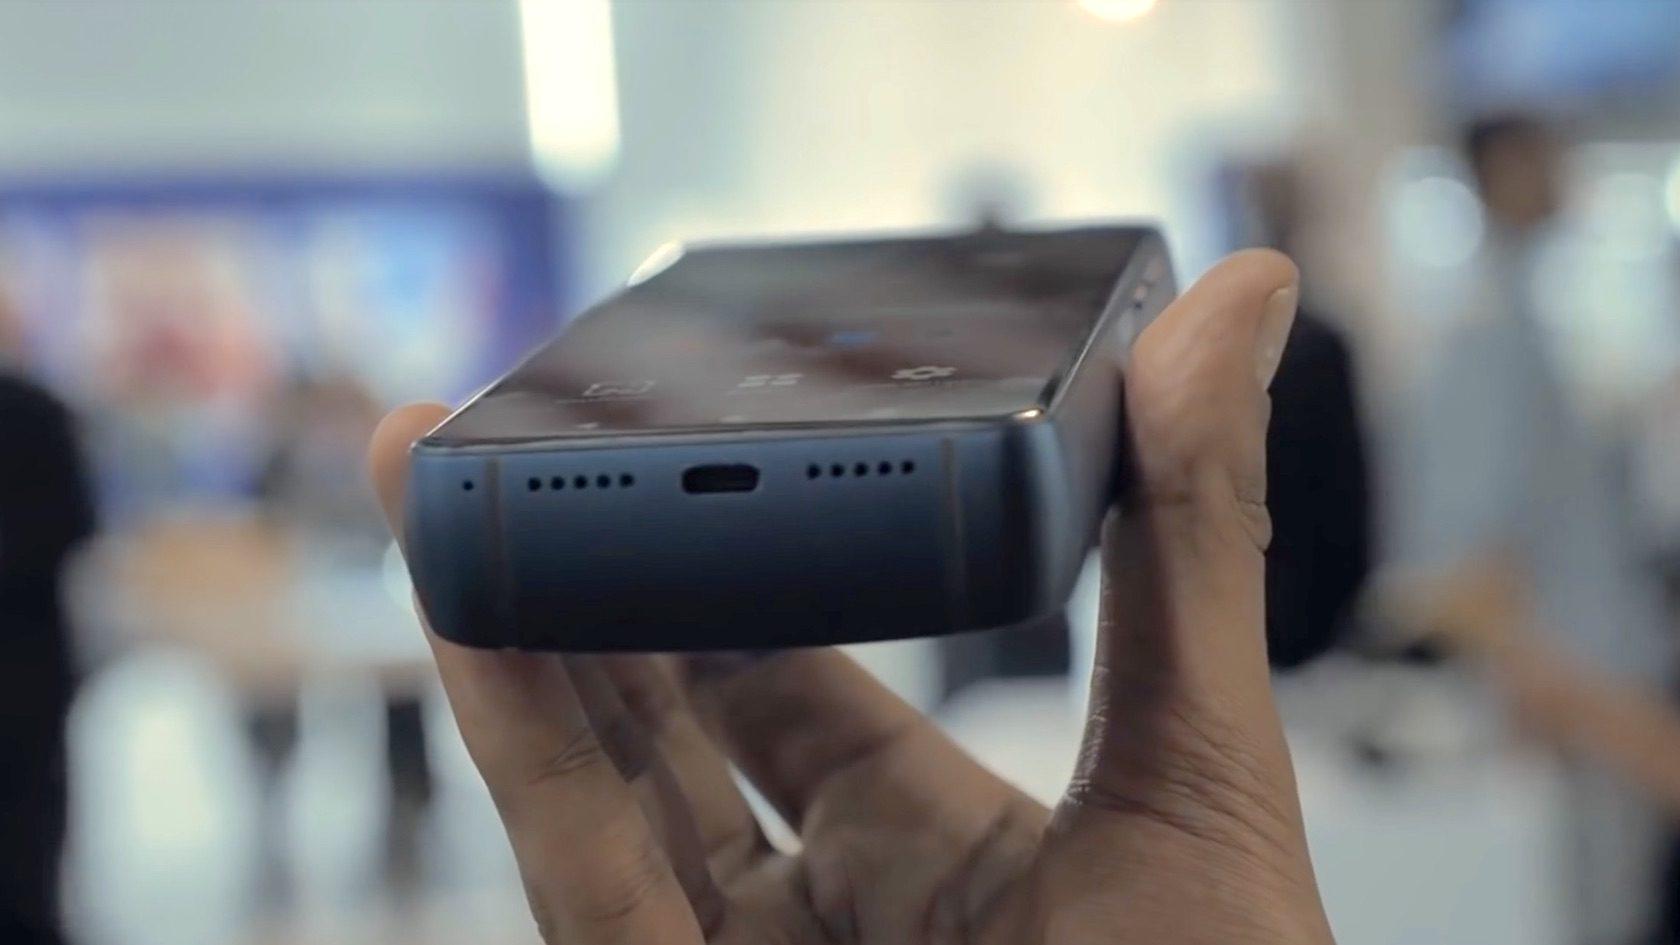 O telefone Energizer de 18.000 mAh foi uma falha de crowdfunding